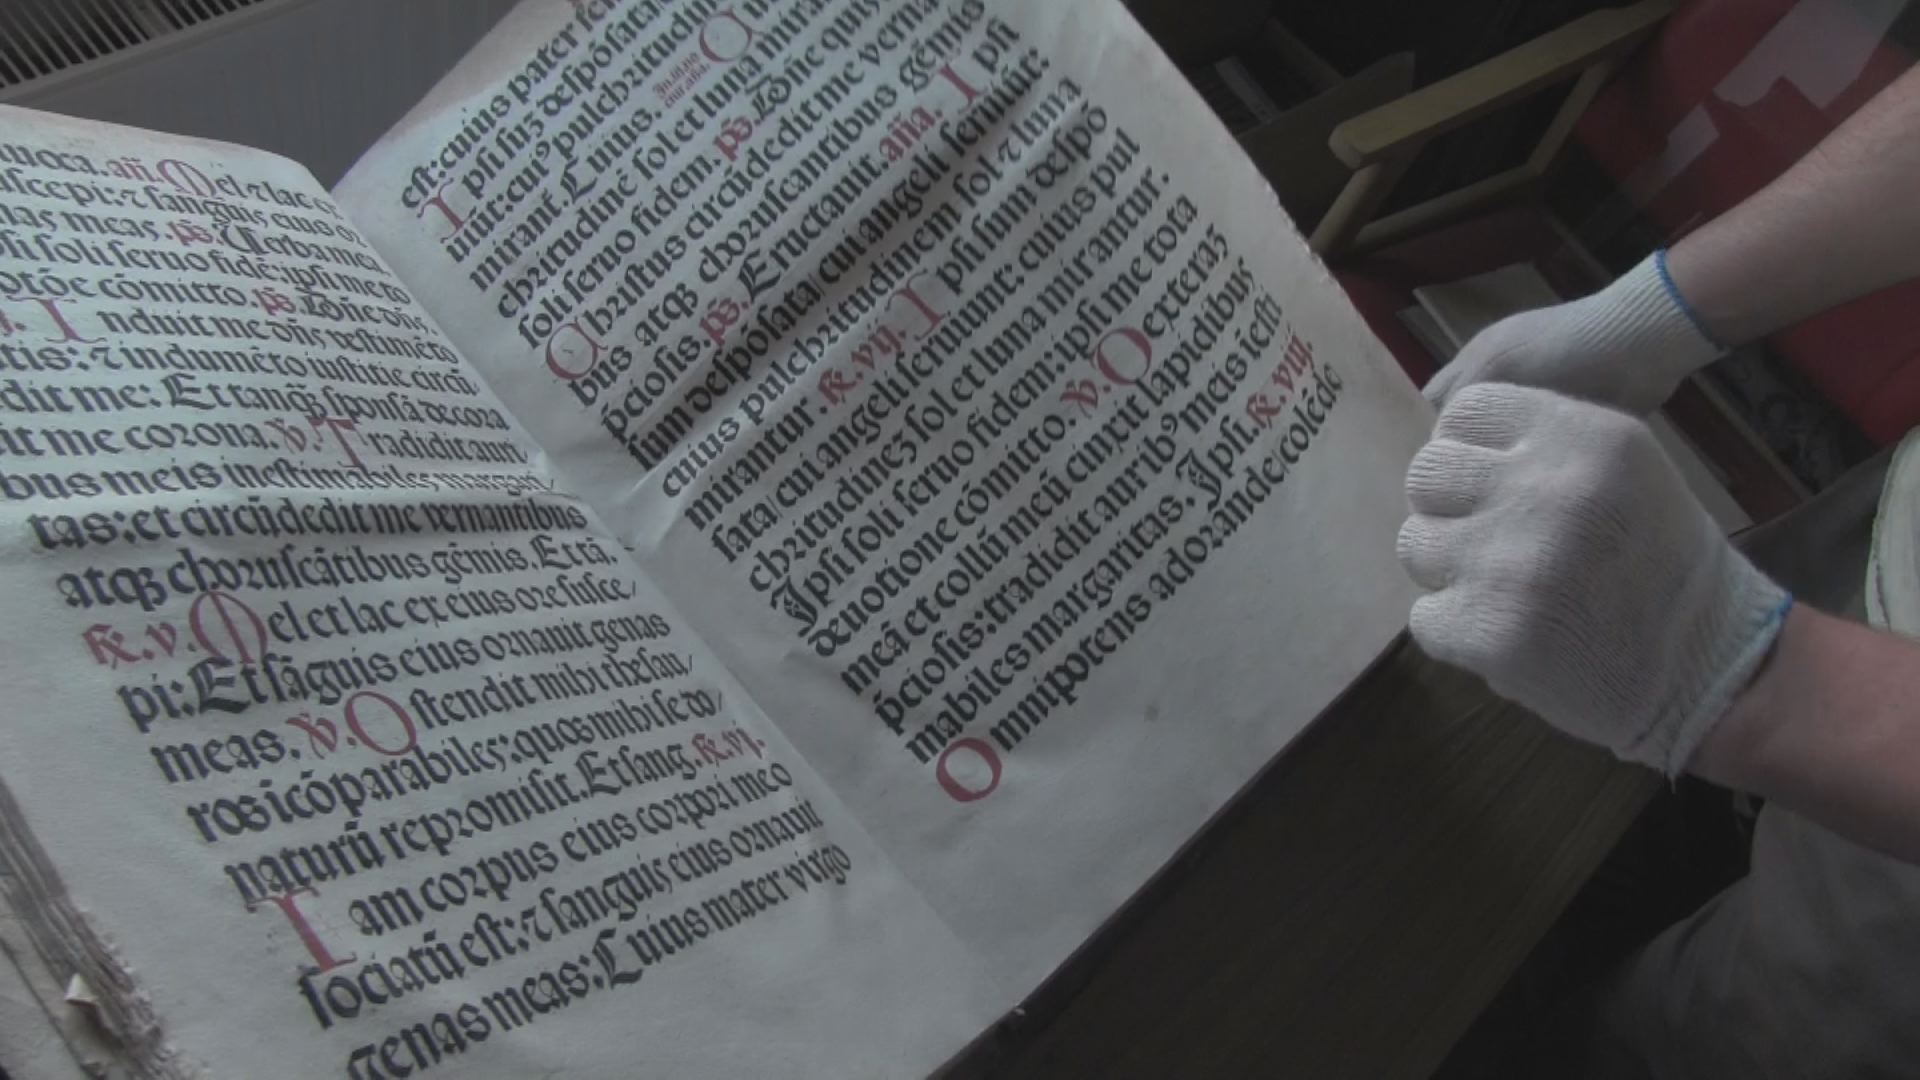 Apokalipszis és befalazott Biblia - titkok a kolostorból